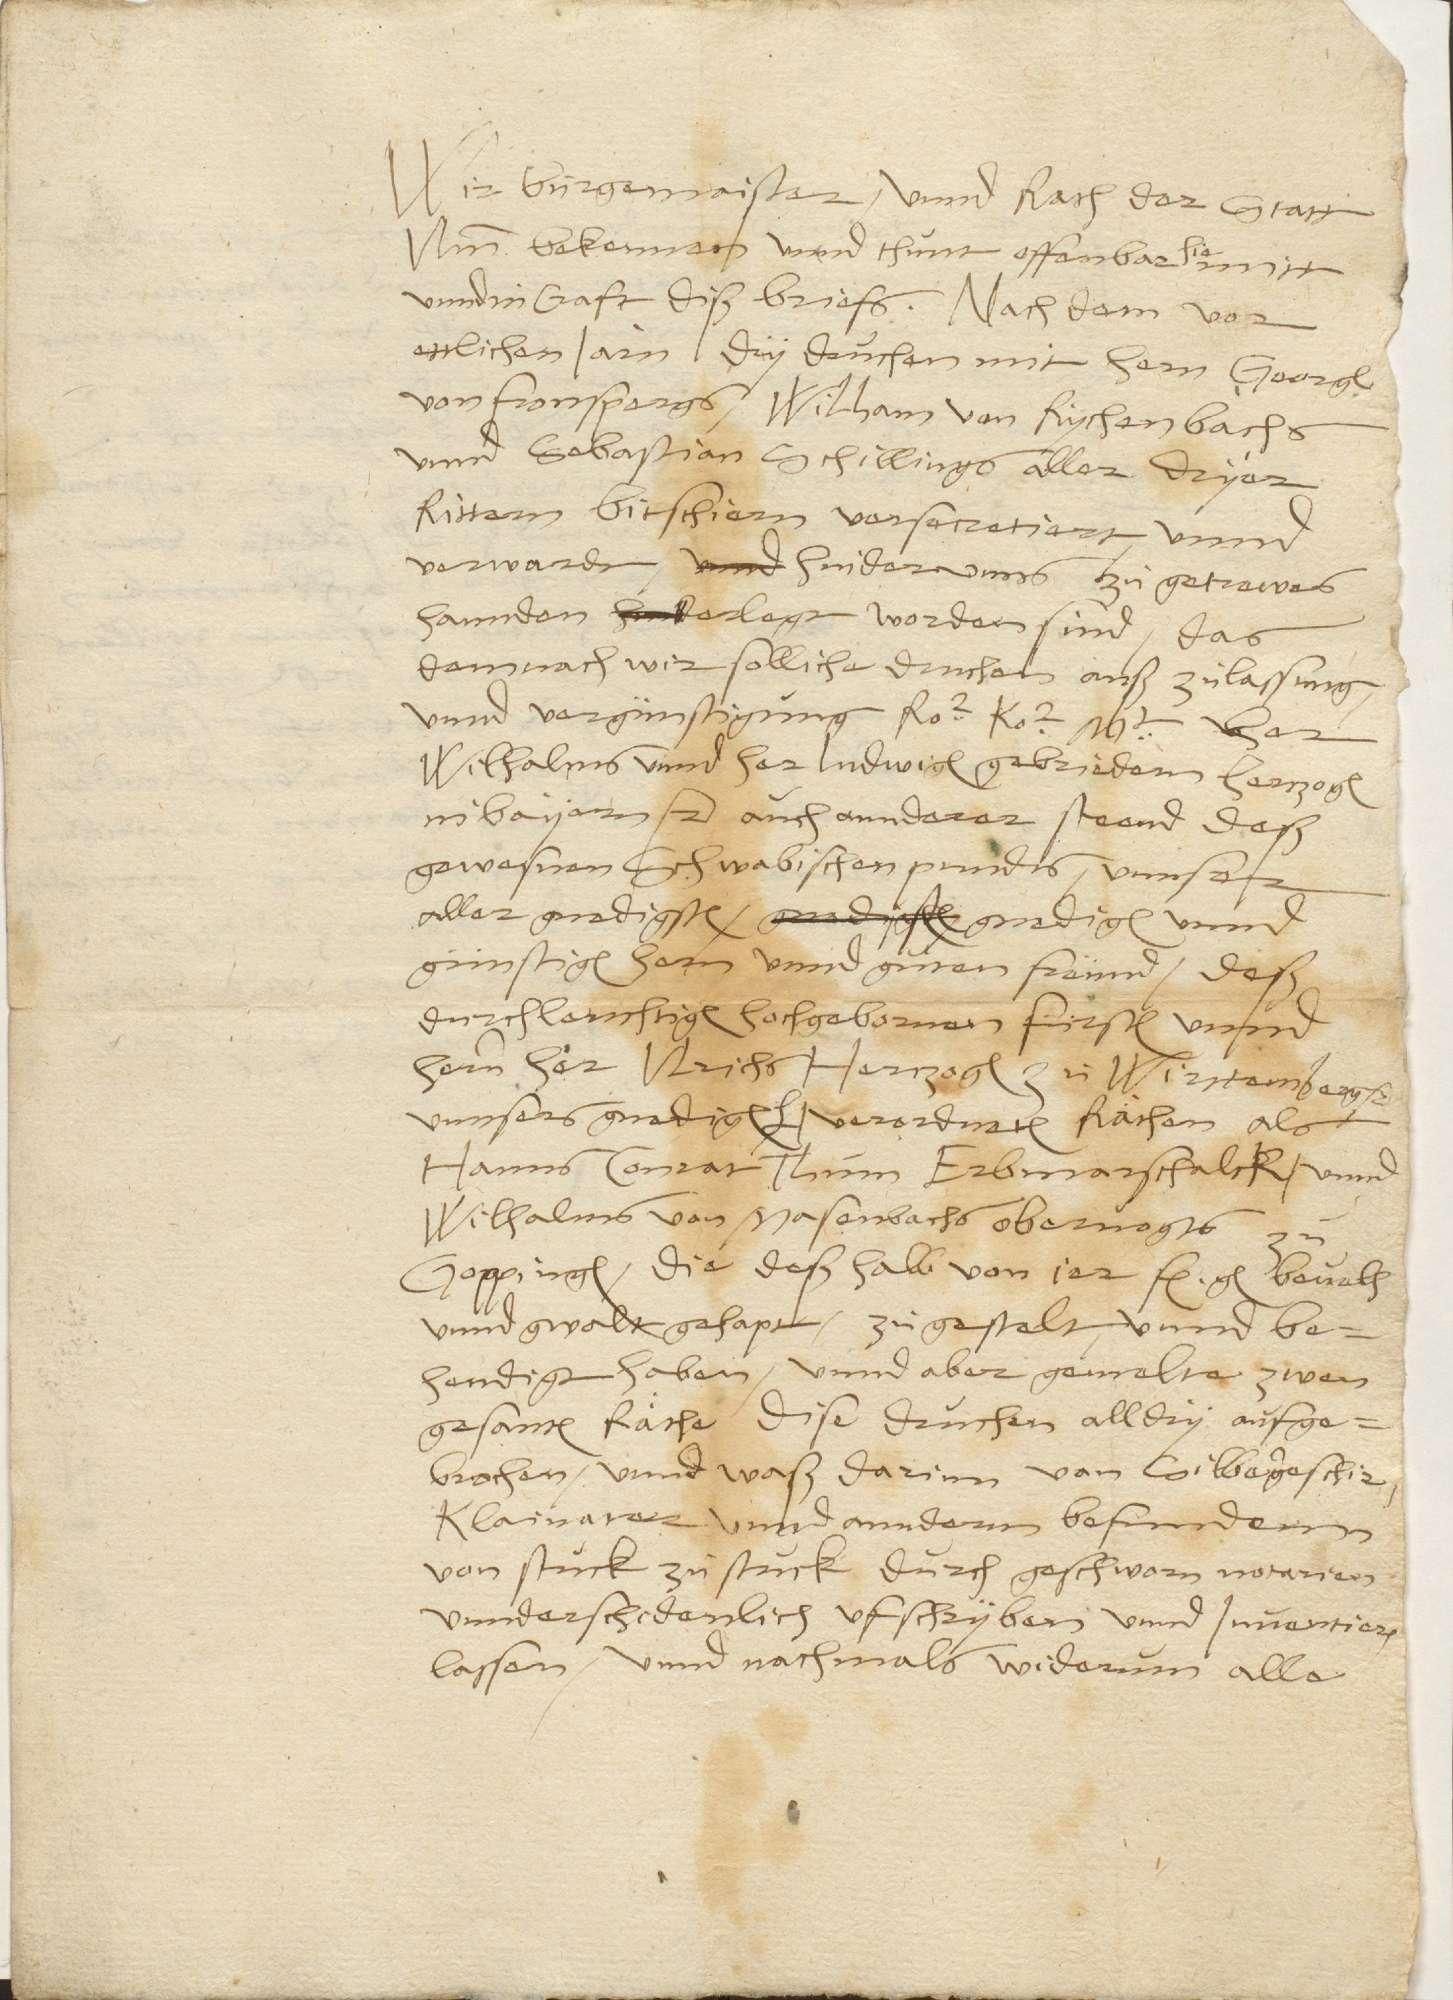 Württembergische Akten über Kleinodien und deren Zurückgabe sowie dazugehörige Akten aus dem Ulmer Archiv, Bild 3